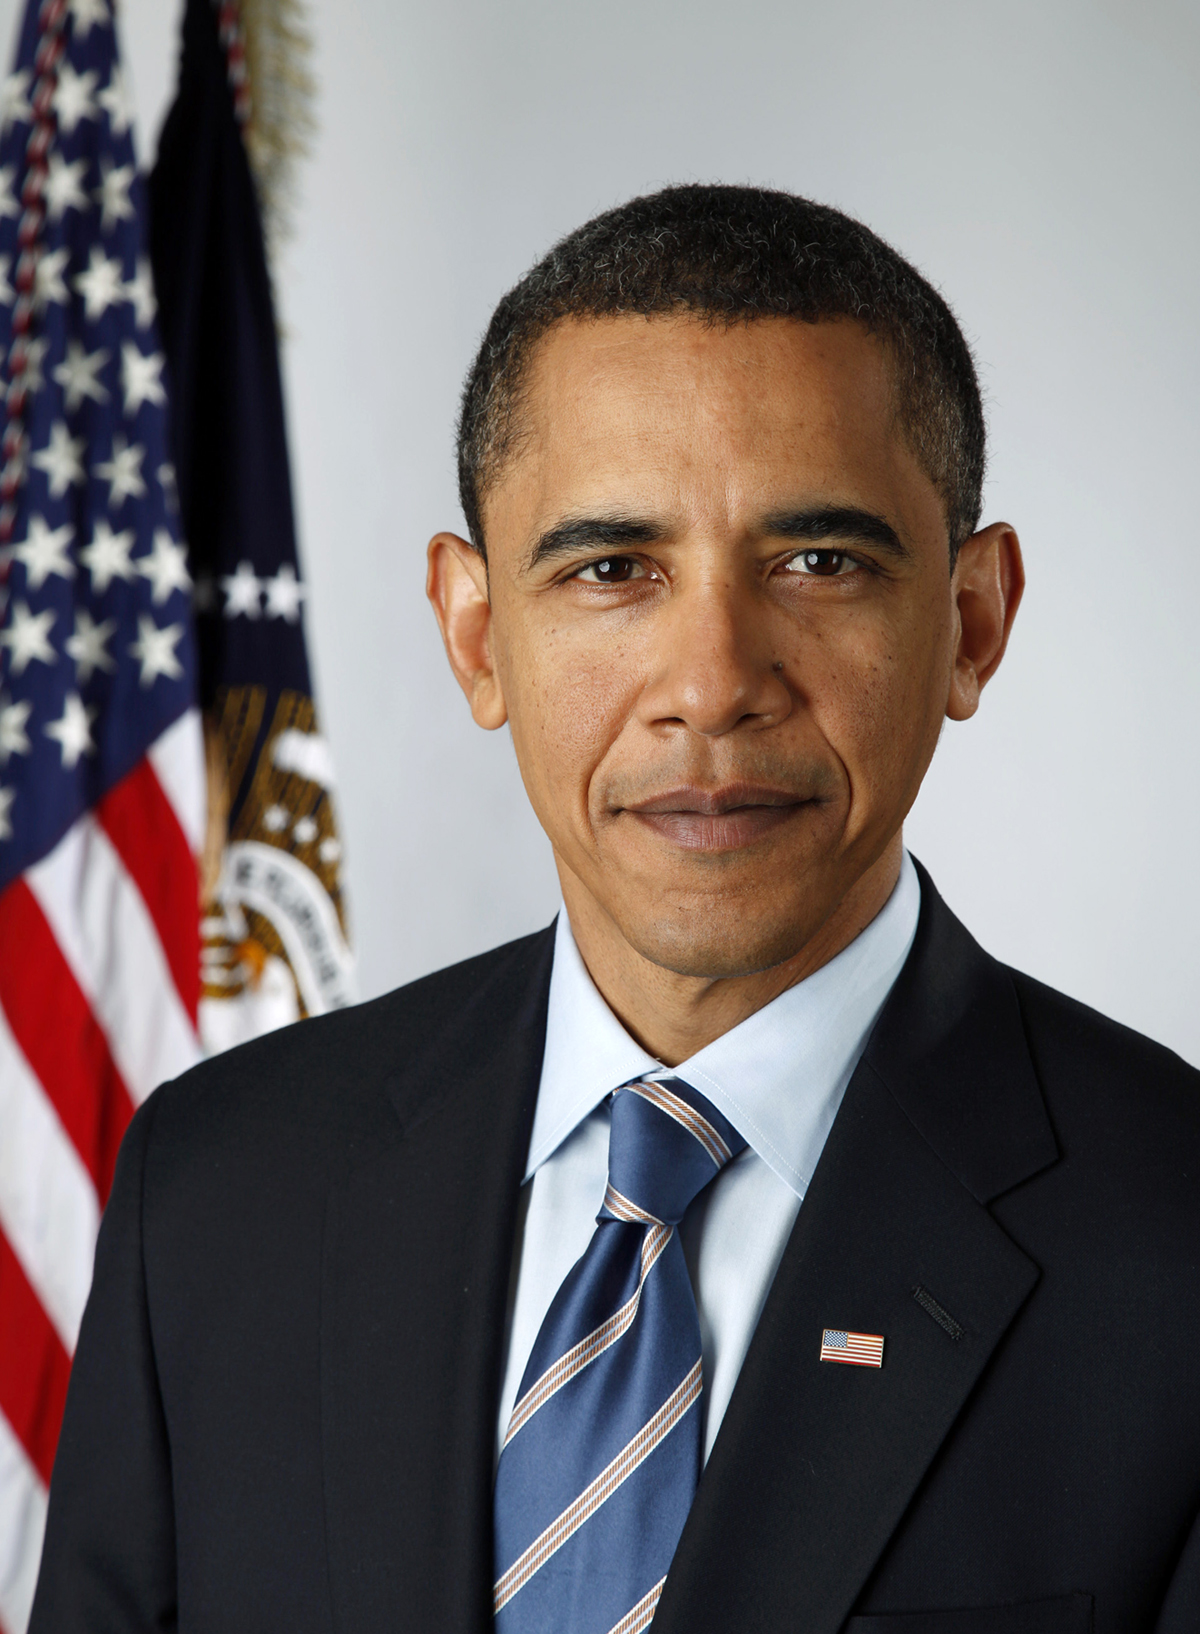 http://www.dirigoblue.com/wp-content/uploads/2011/12/Barack-Obama.jpg